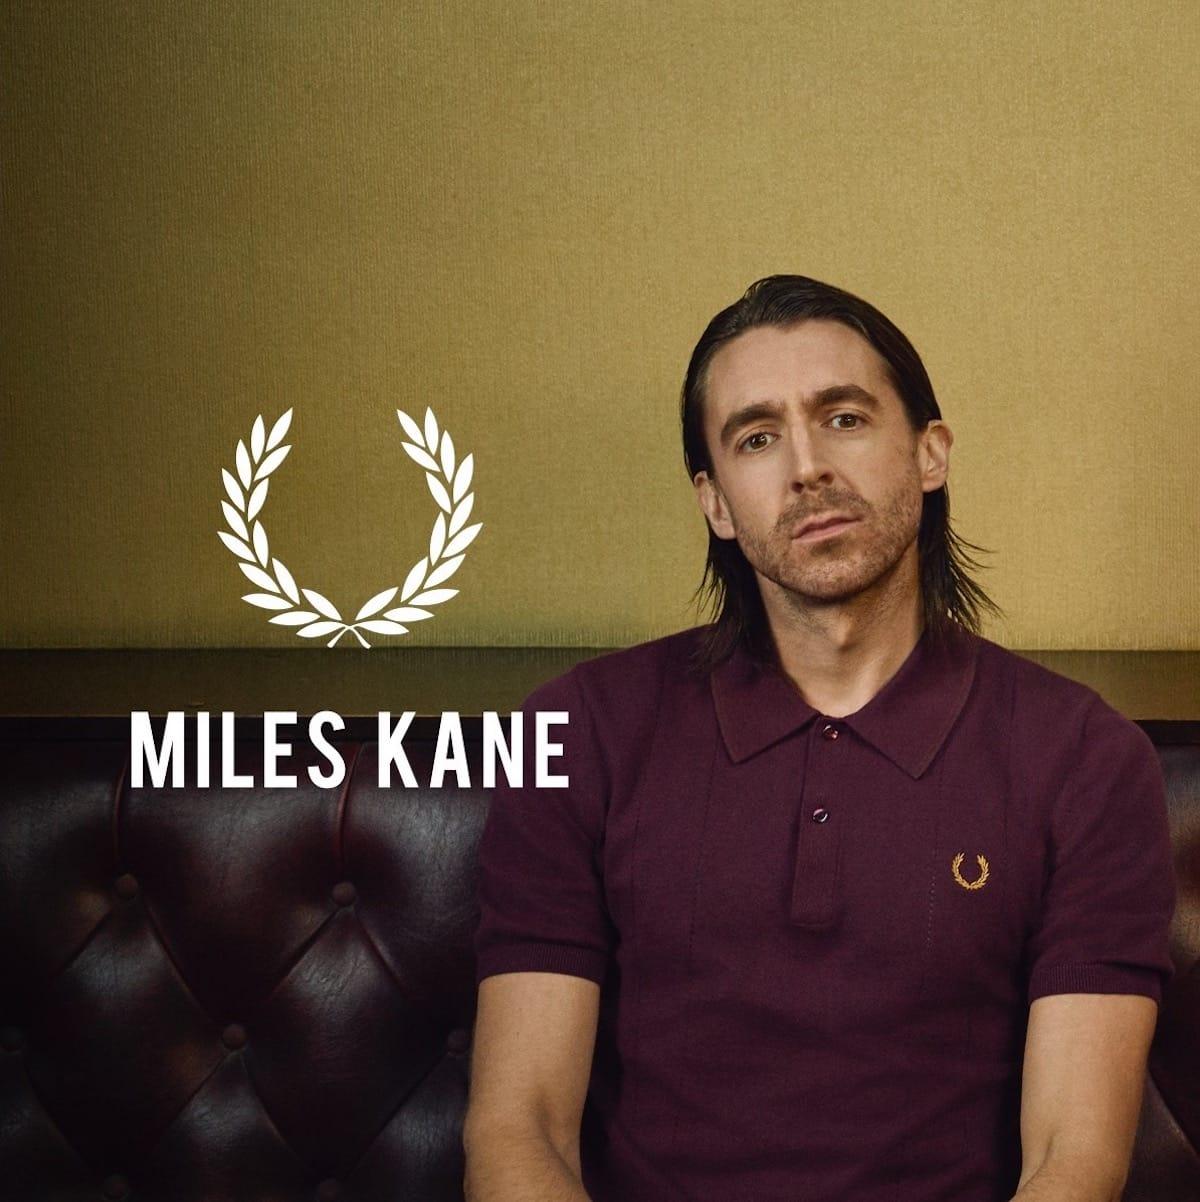 アークティック・モンキーズ、アレックスの盟友マイルズ・ケインとフレッドペリーのコラボコレクション第2弾登場! fashion180511_fredperry-miles-kane_01-1200x1202